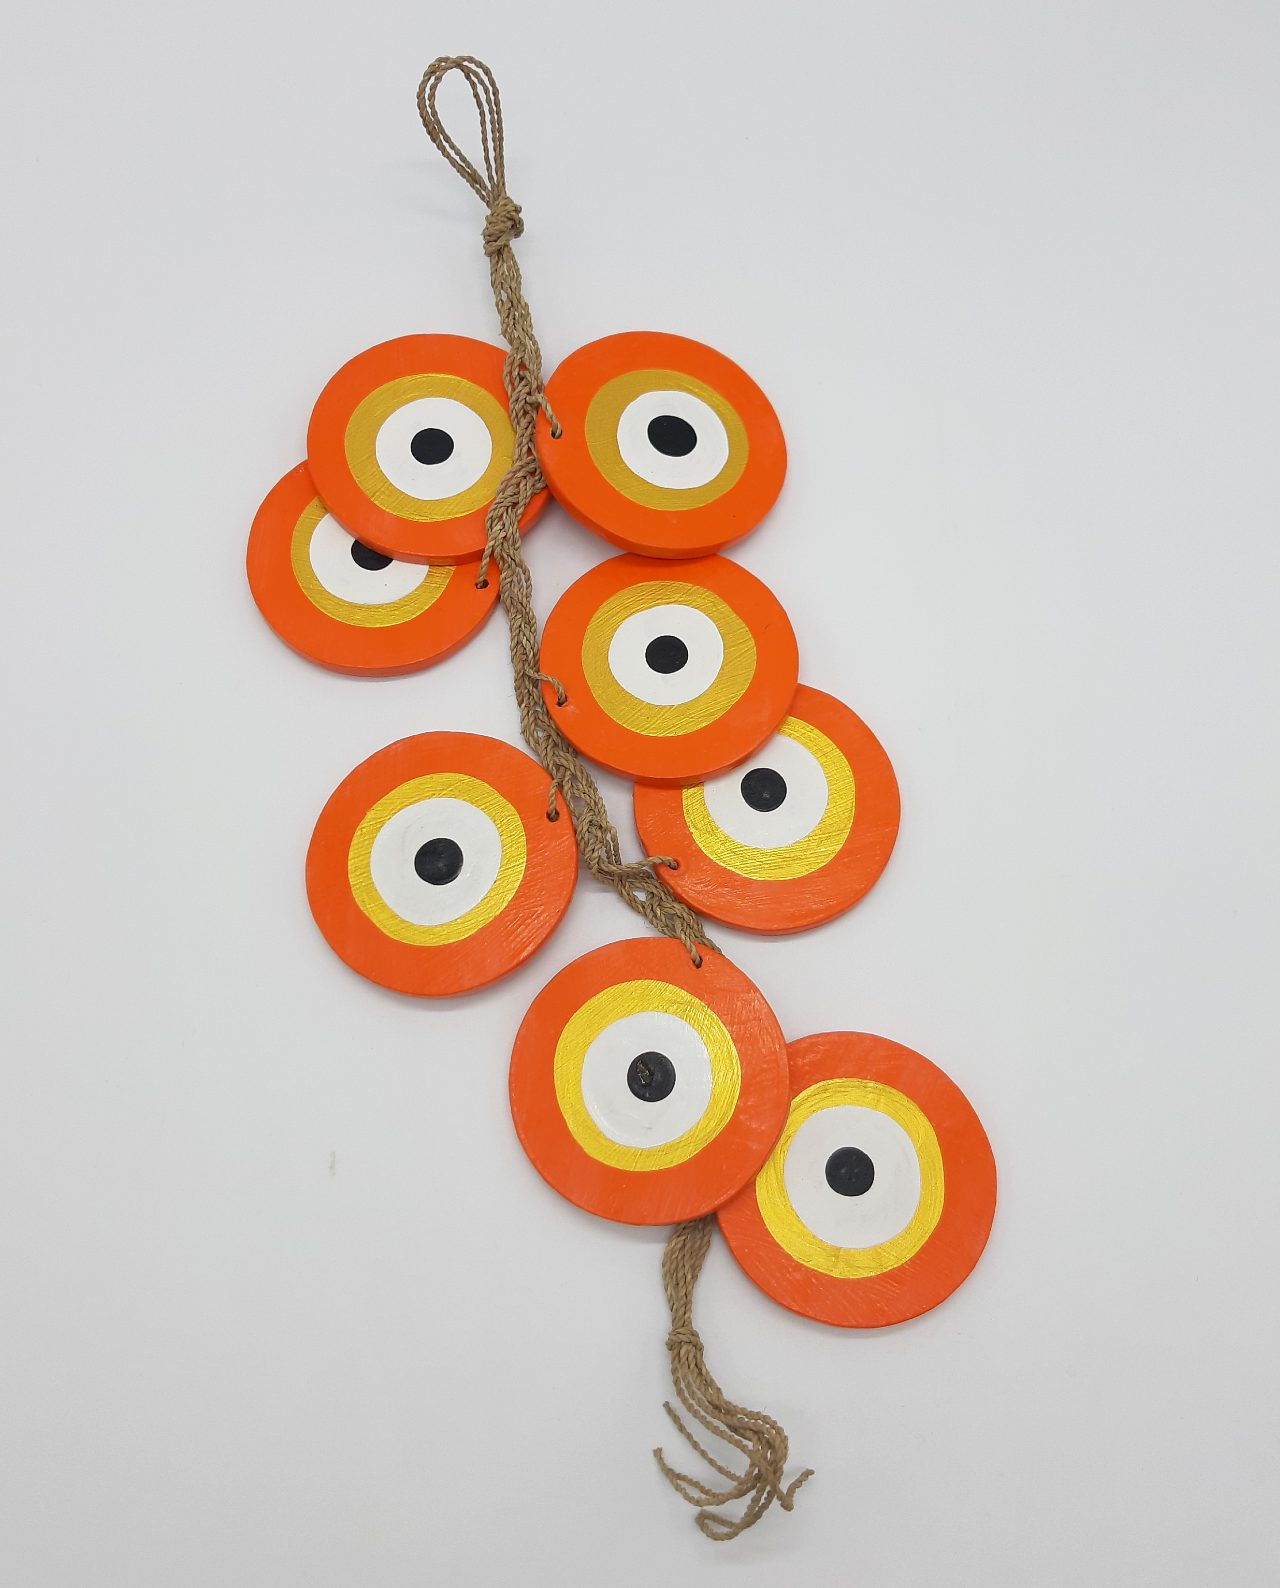 Γιρλάντα 8 Ματάκια Ξύλινα Χειροποίητα Μήκος 50 cm χρώμα πορτοκαλί